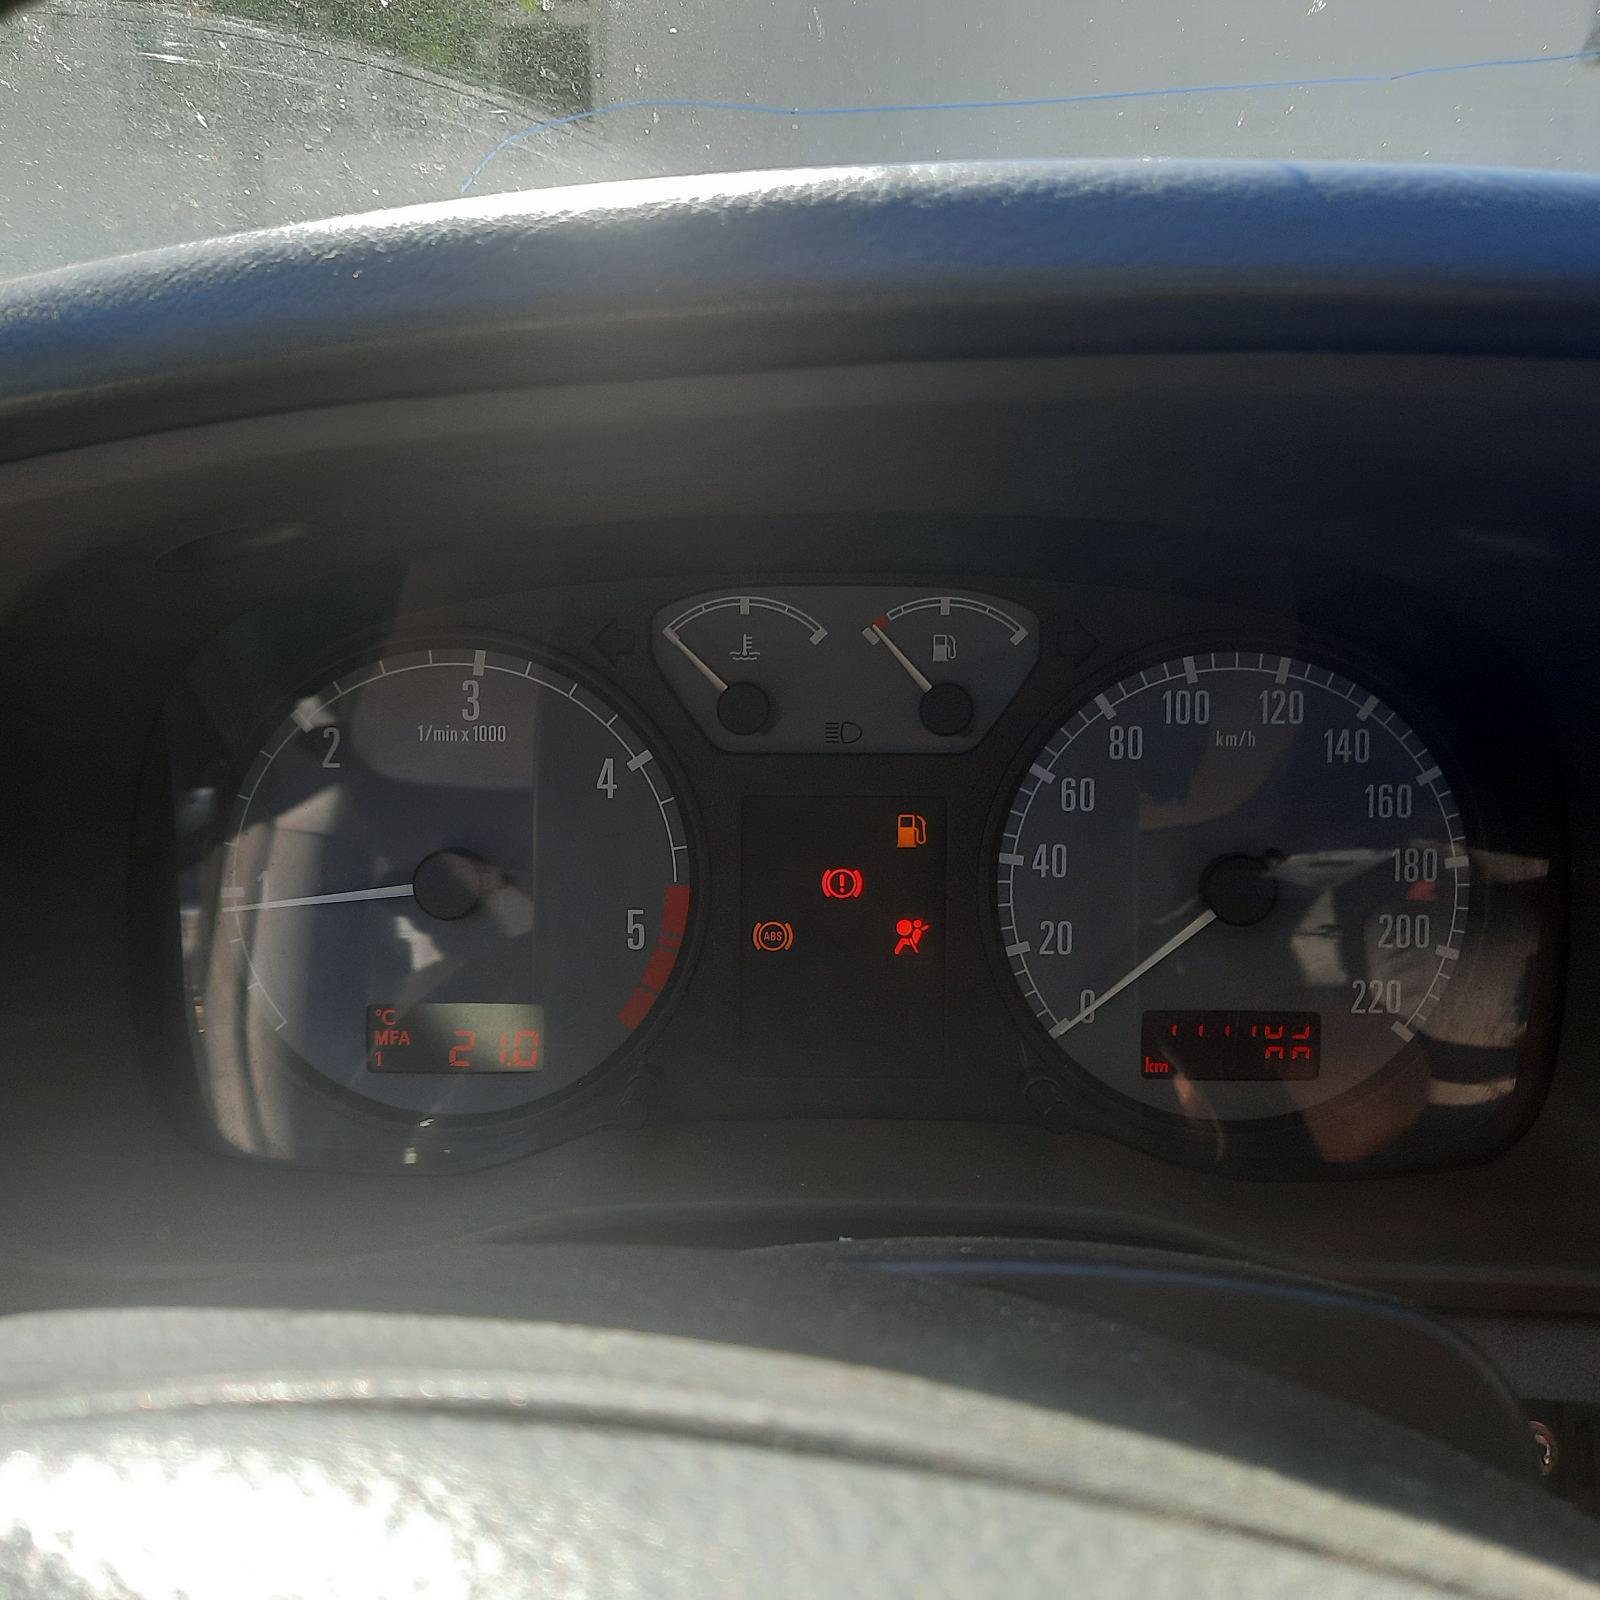 Подержанные Автозапчасти Skoda OCTAVIA 1997 1.9 машиностроение хэтчбэк 4/5 d. синий 2021-6-17